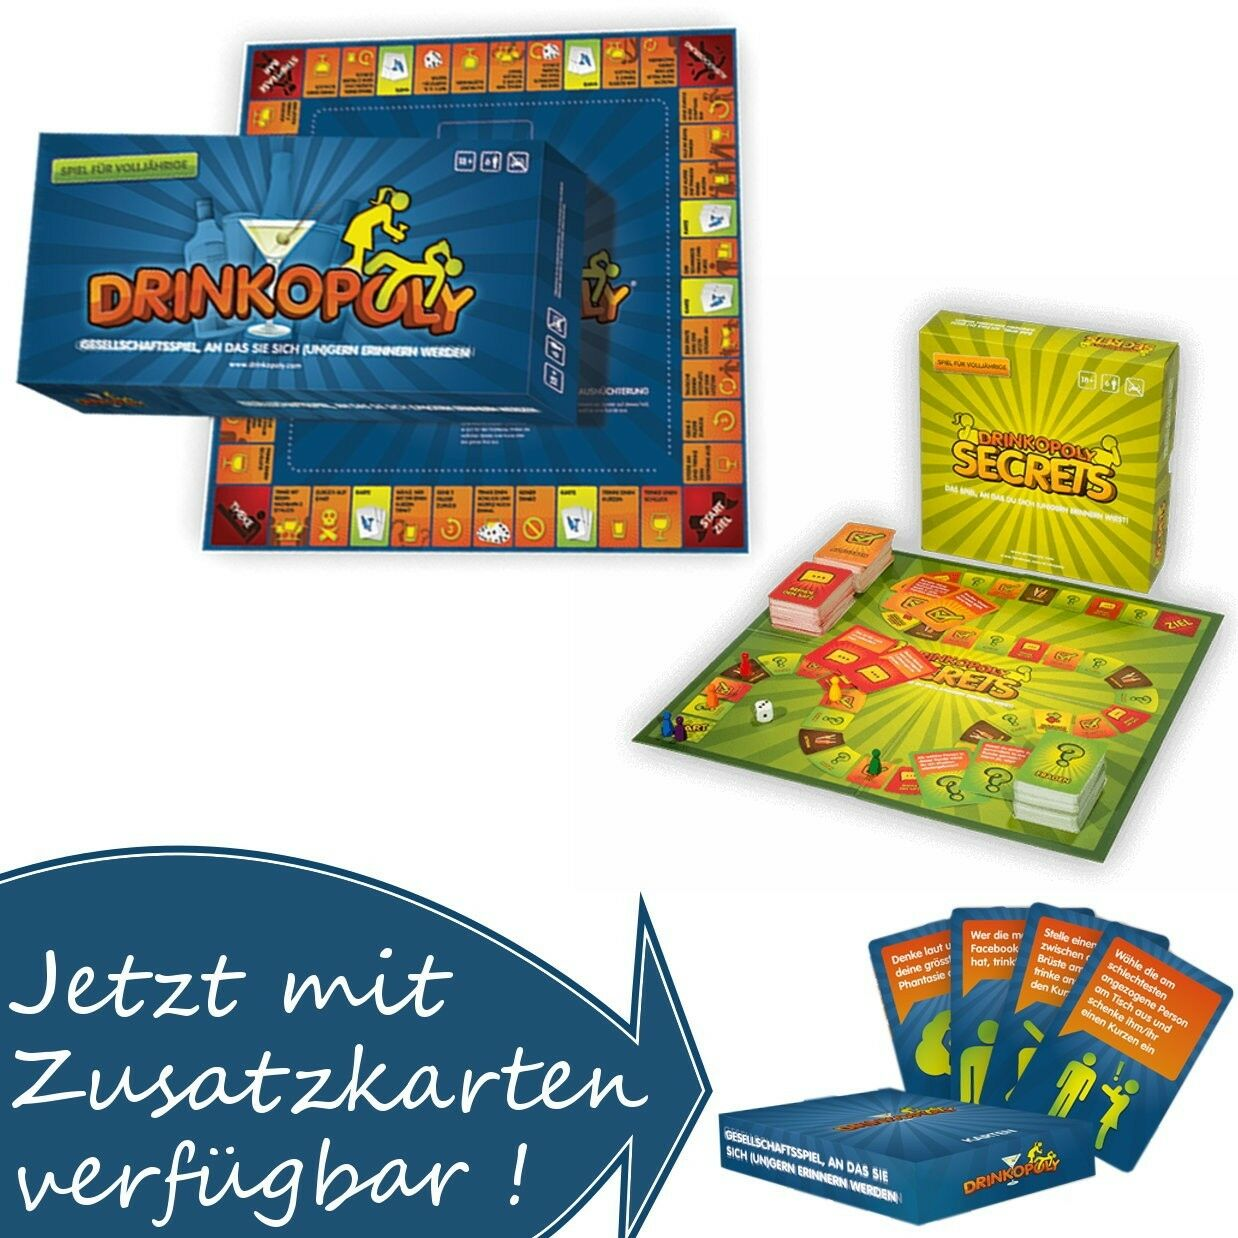 Drinkopoly Trinkspiel Saufspiel Partyspiel Party Spiel Gesellschaftsspiel Pong